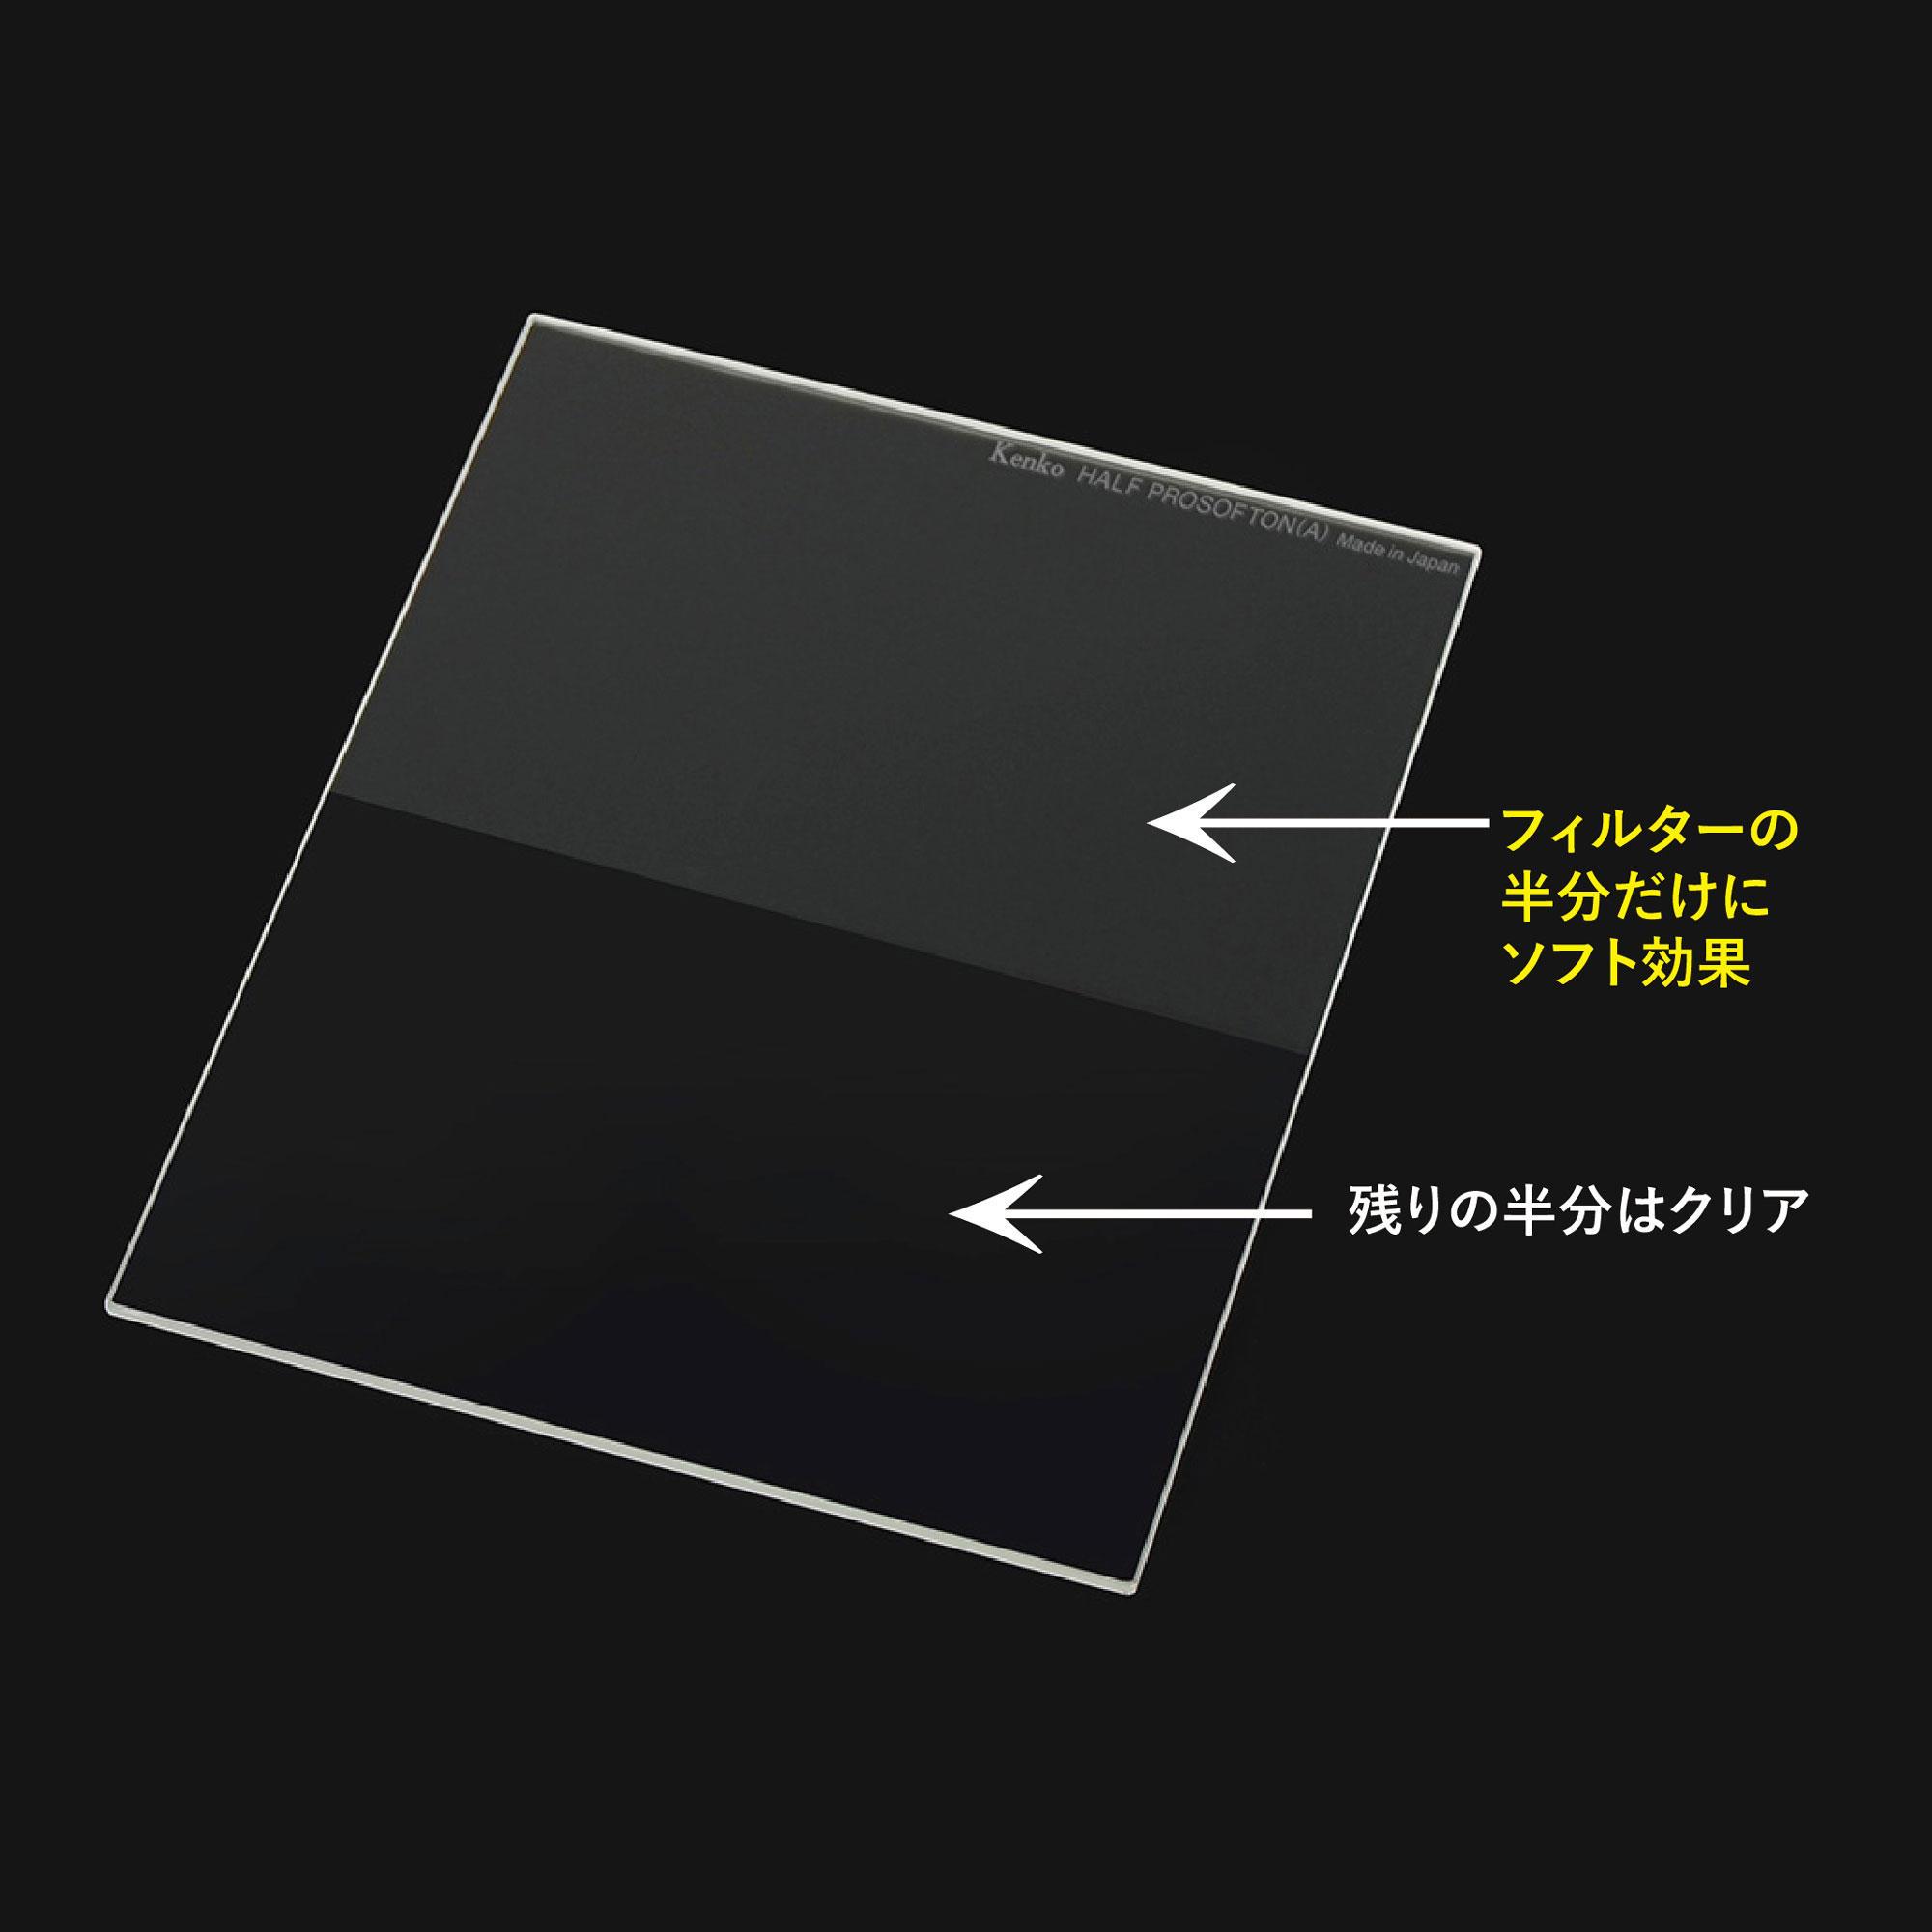 http://www.kenko-tokina.co.jp/imaging/filter/mt-images/4961607390467_half.jpg